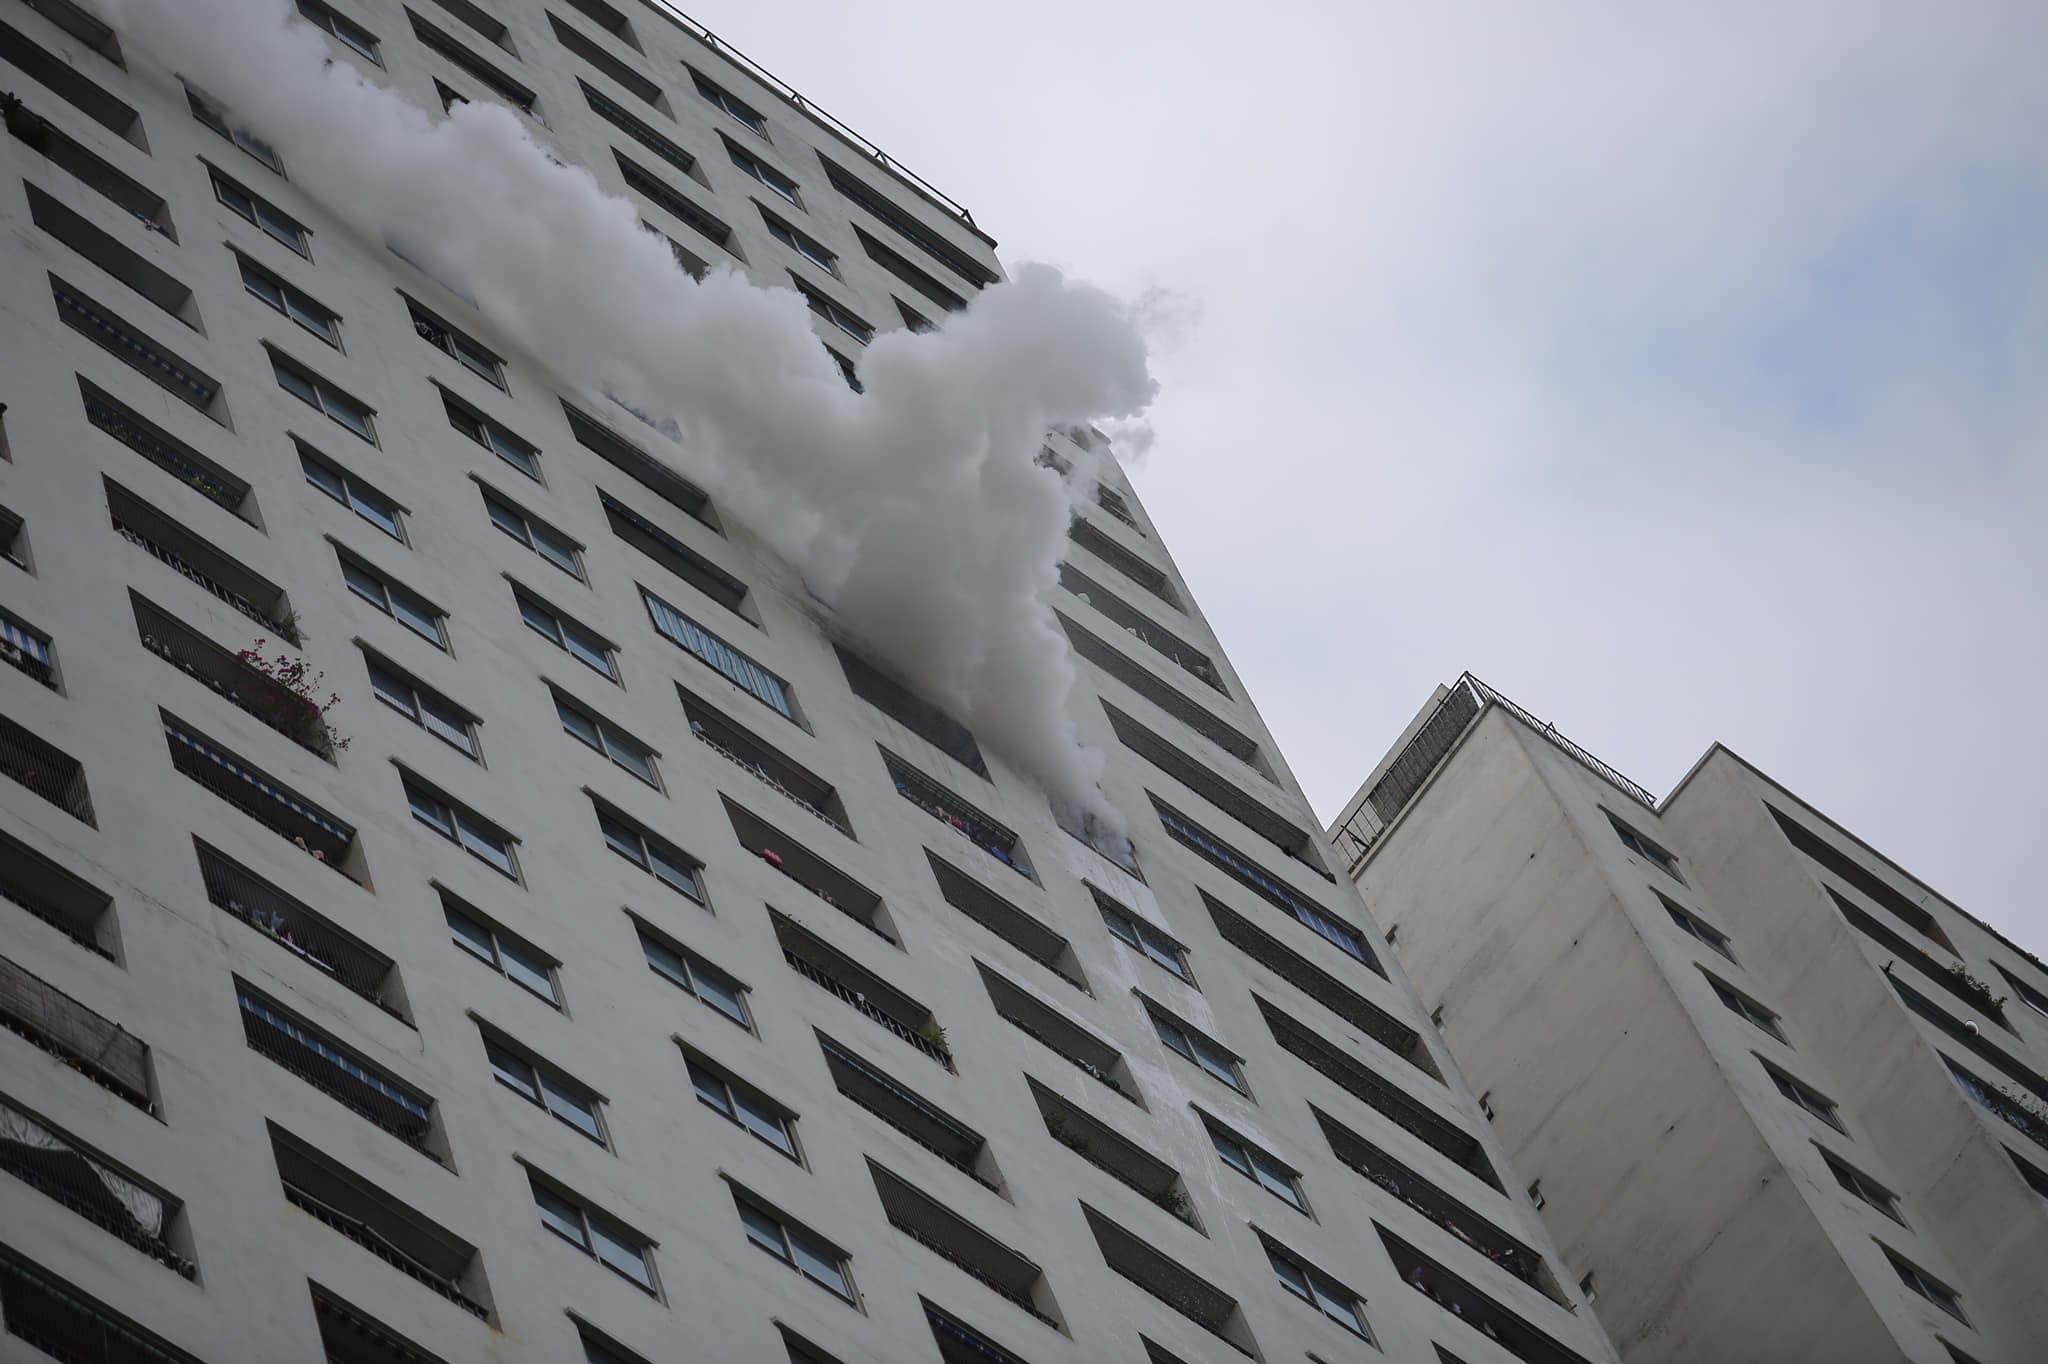 Cháy tầng 31 chung cư Linh Đàm, nghi có người thiệt mạng - 1